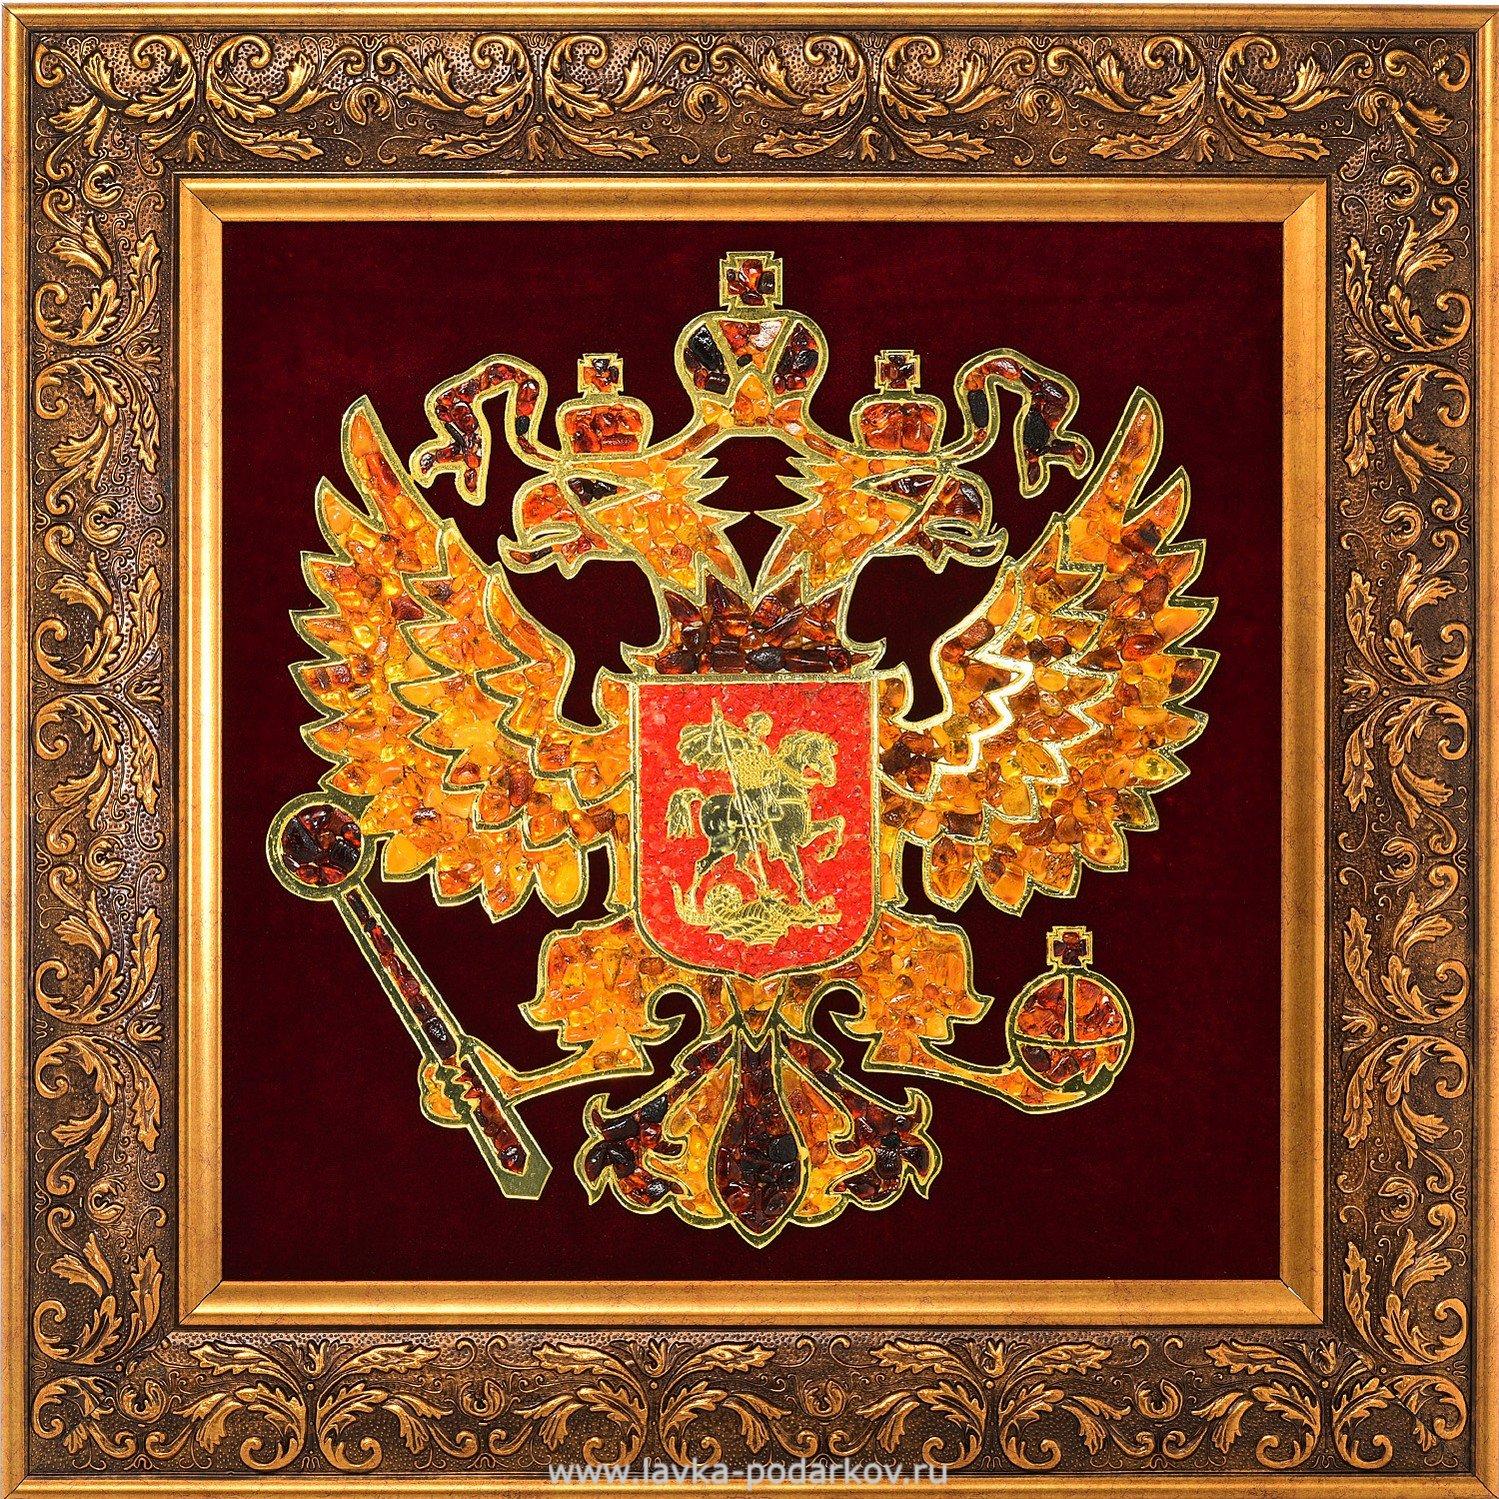 фото герба россии в хорошем качестве окончил